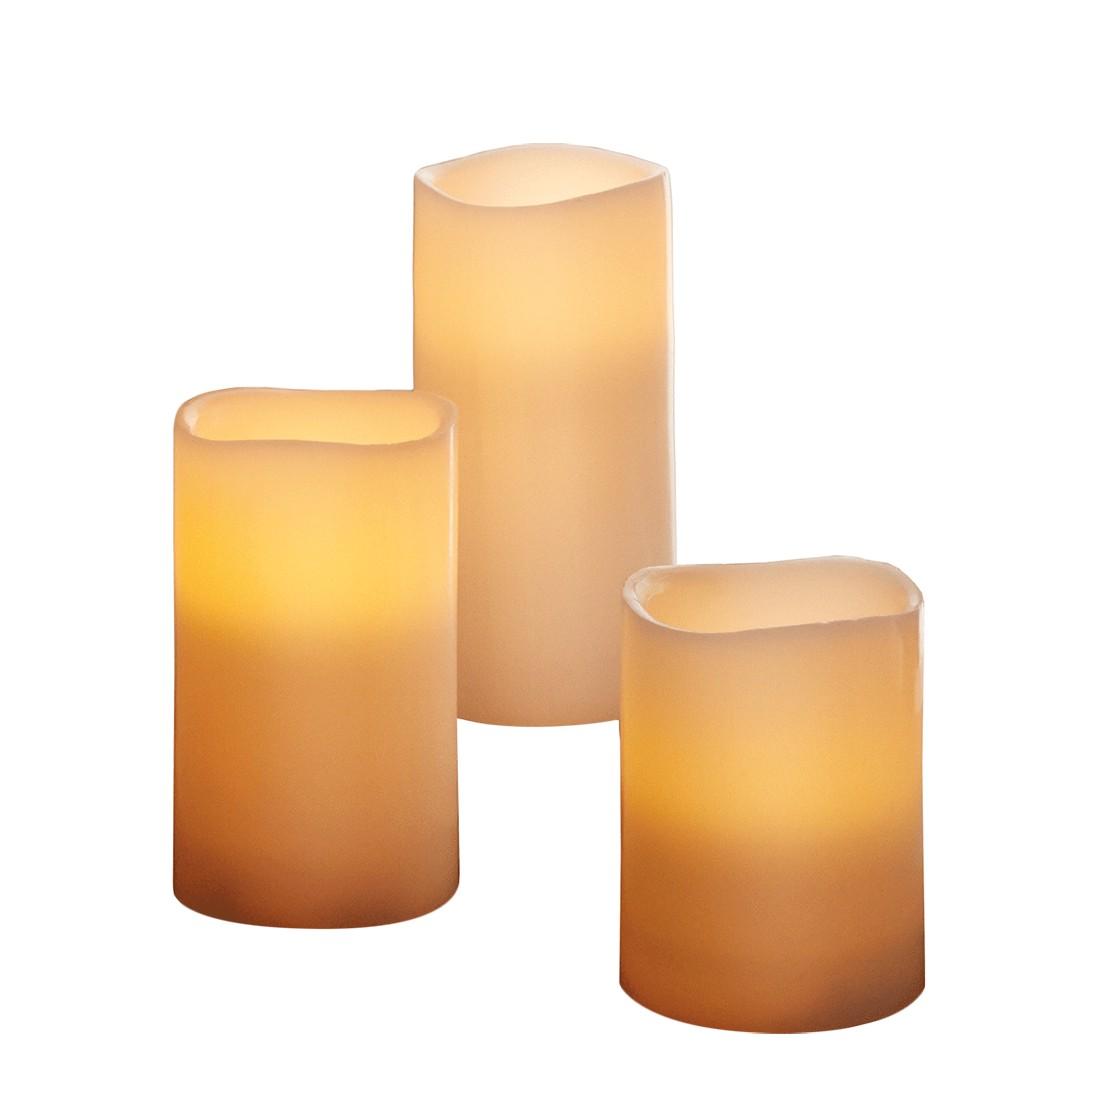 EEK A+, LED Kerzen 3-teilig - Wachs, Beige, Pure Day